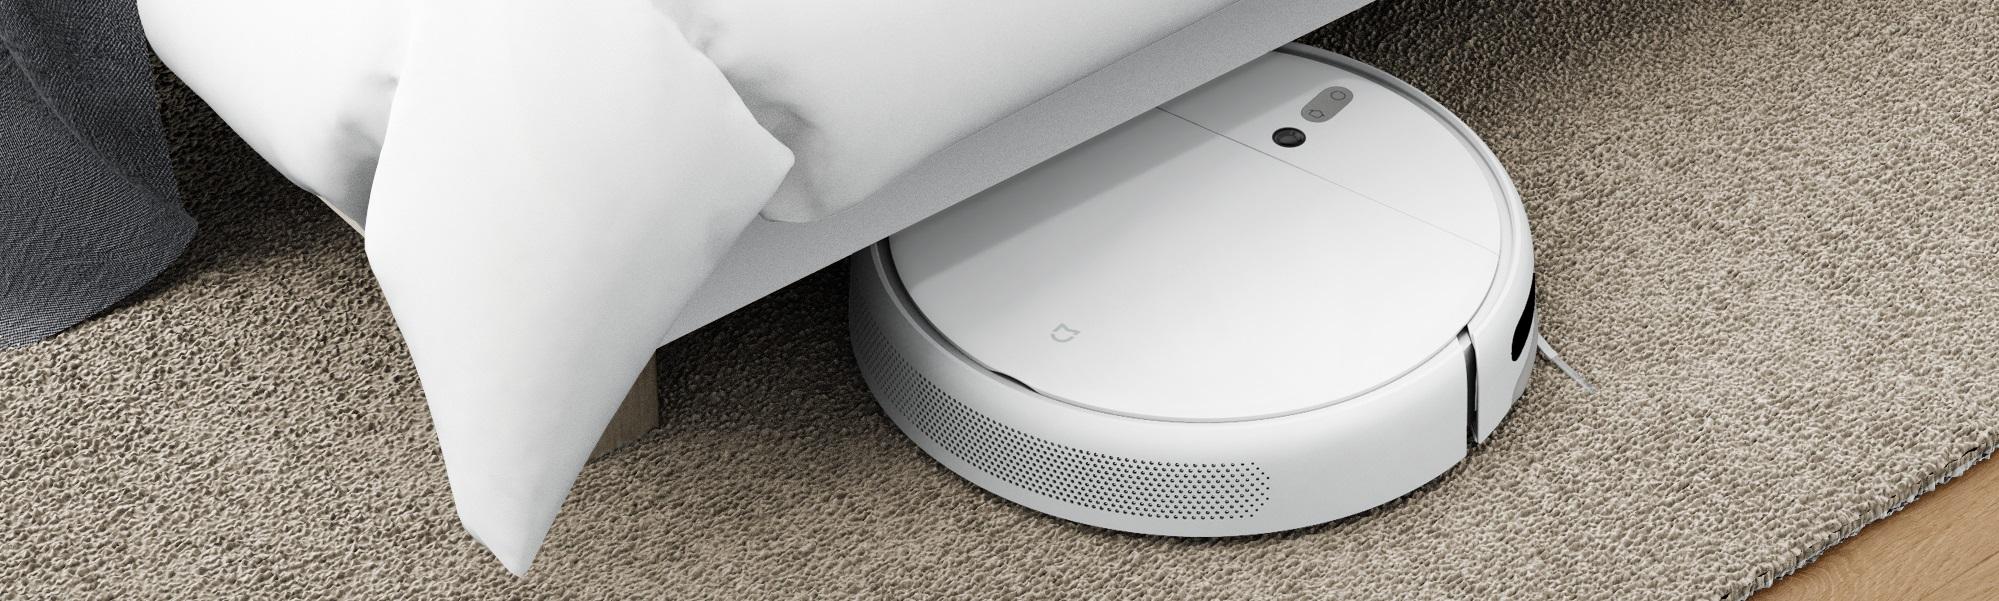 Xiaomi Mi Robot Vacuum-Mop vacuum cleaner